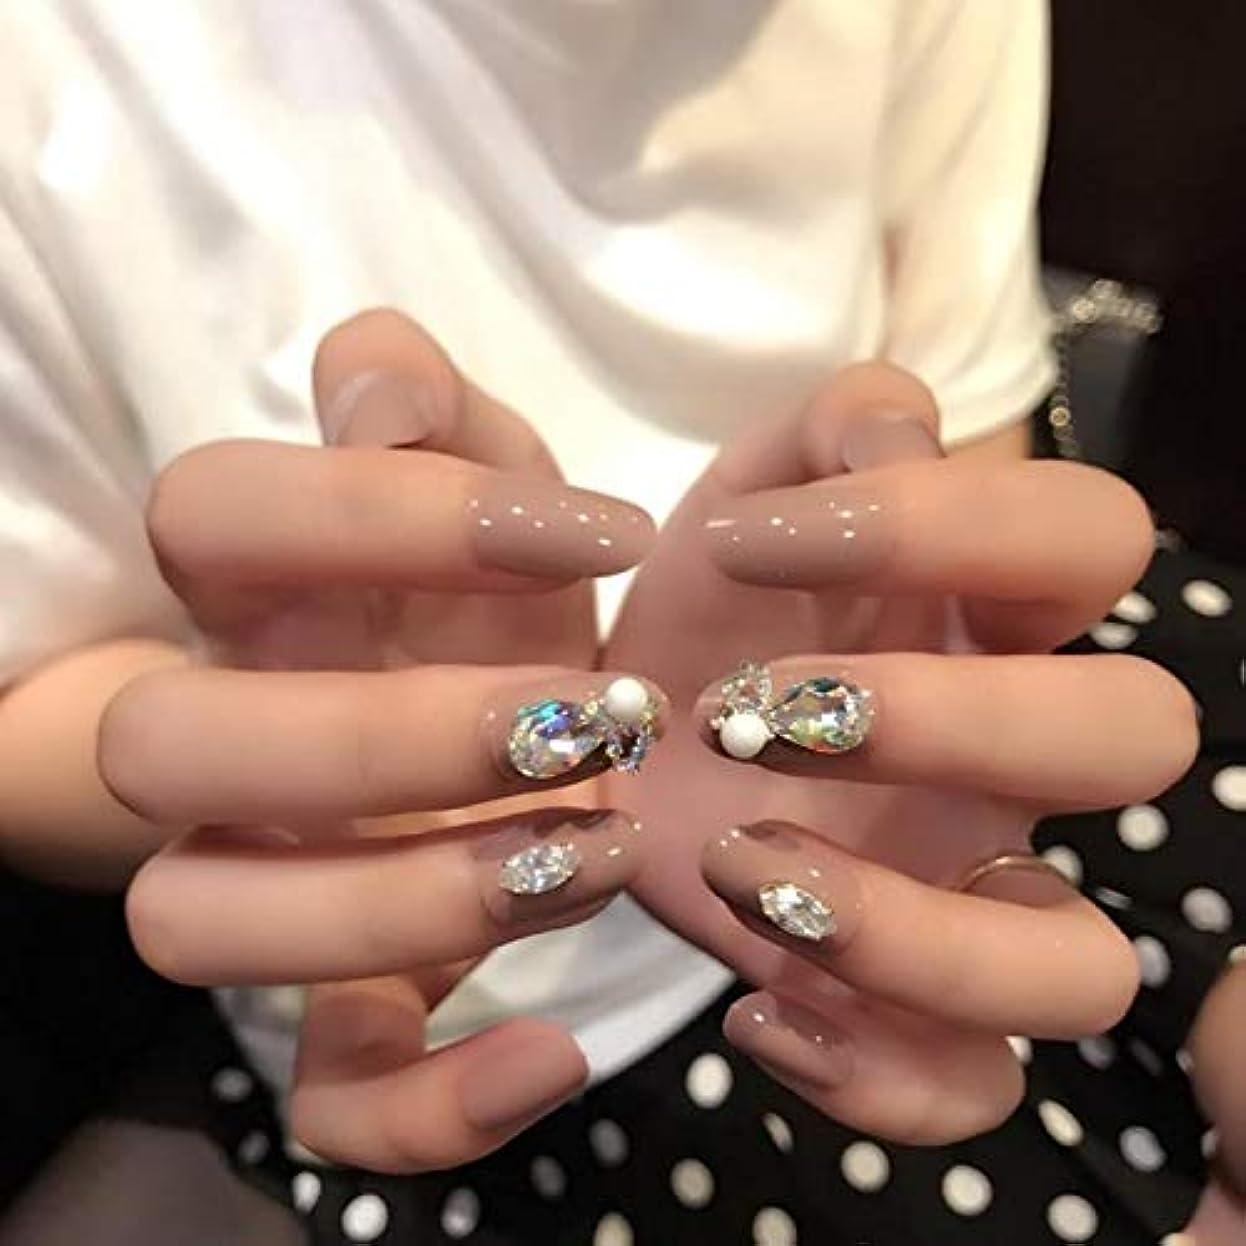 ピストルガム吸うVALEN Nail Patch 3D ネイルチップ 人造ダイヤモンド 24枚入 原宿 和風 夢幻 和装 手作りネイルチップ 結婚式ネイルチップ